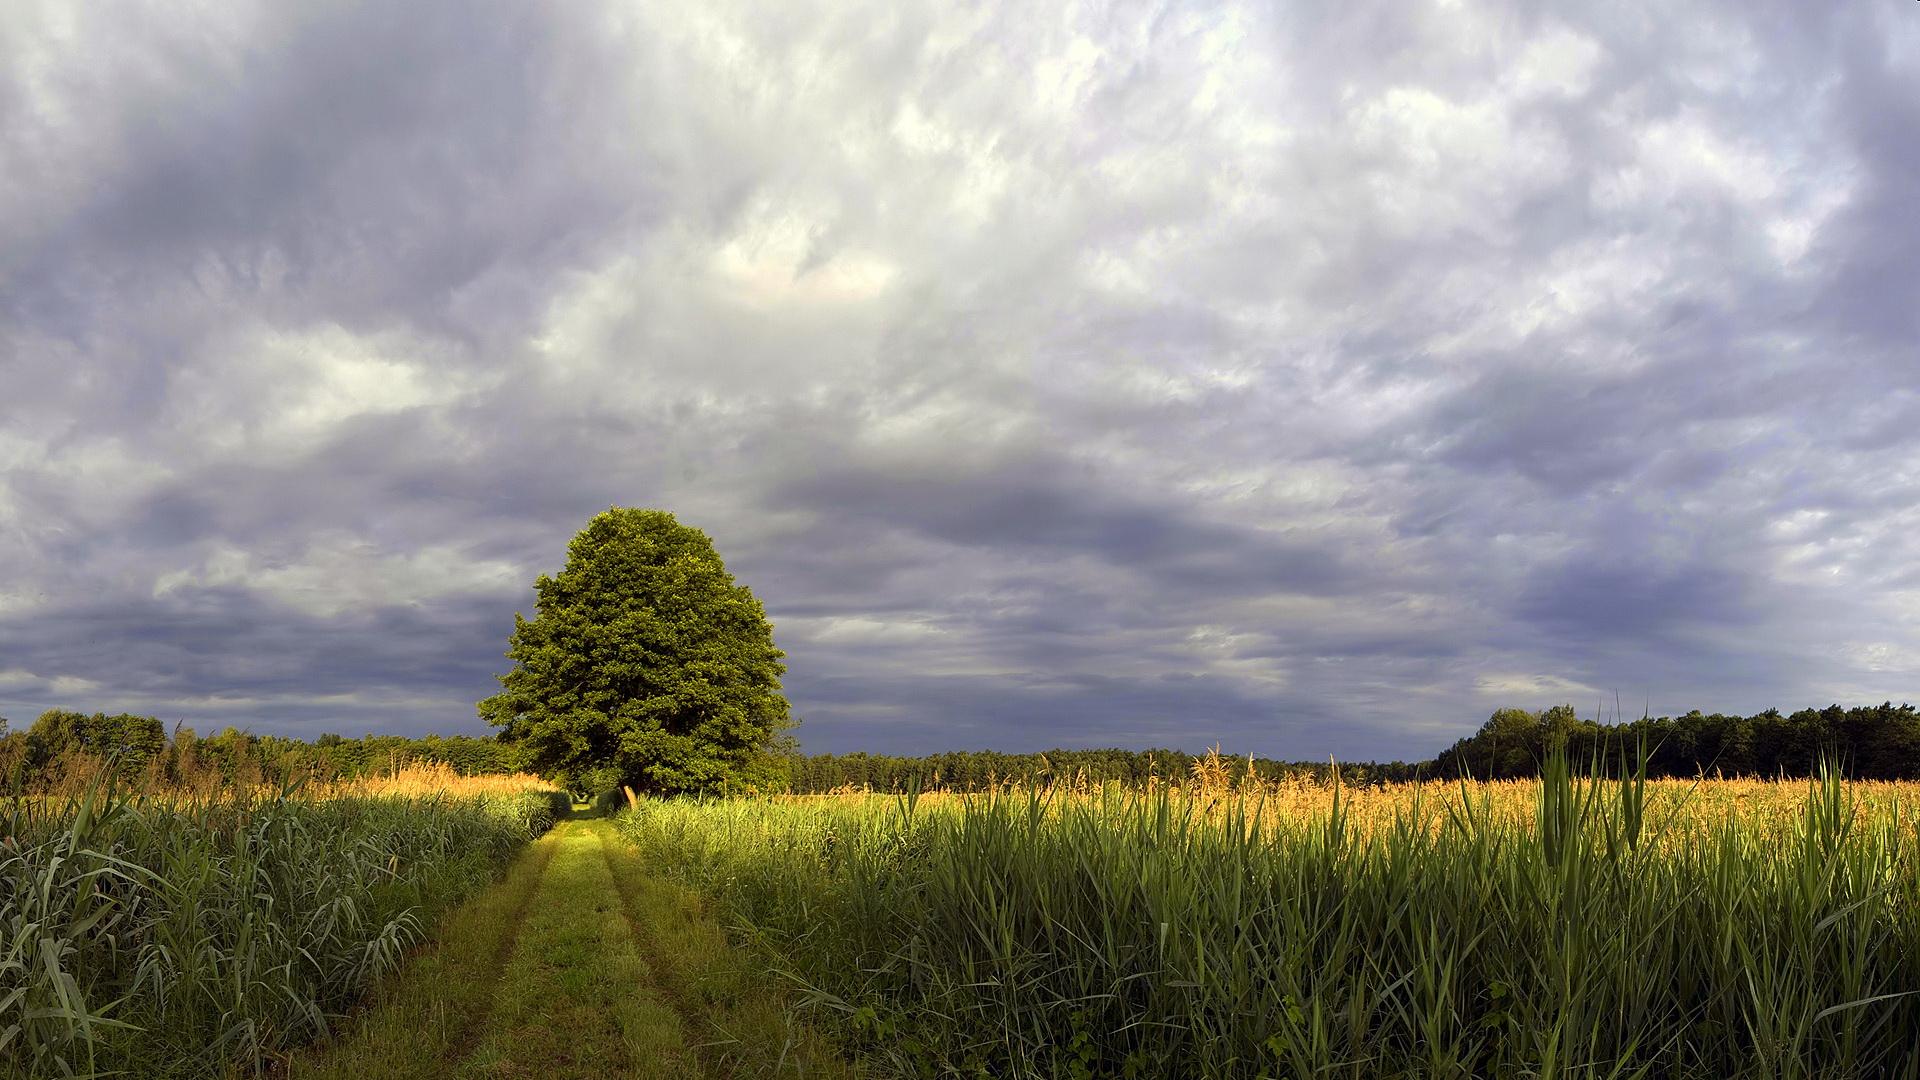 природа горизонт деревья вечер бесплатно